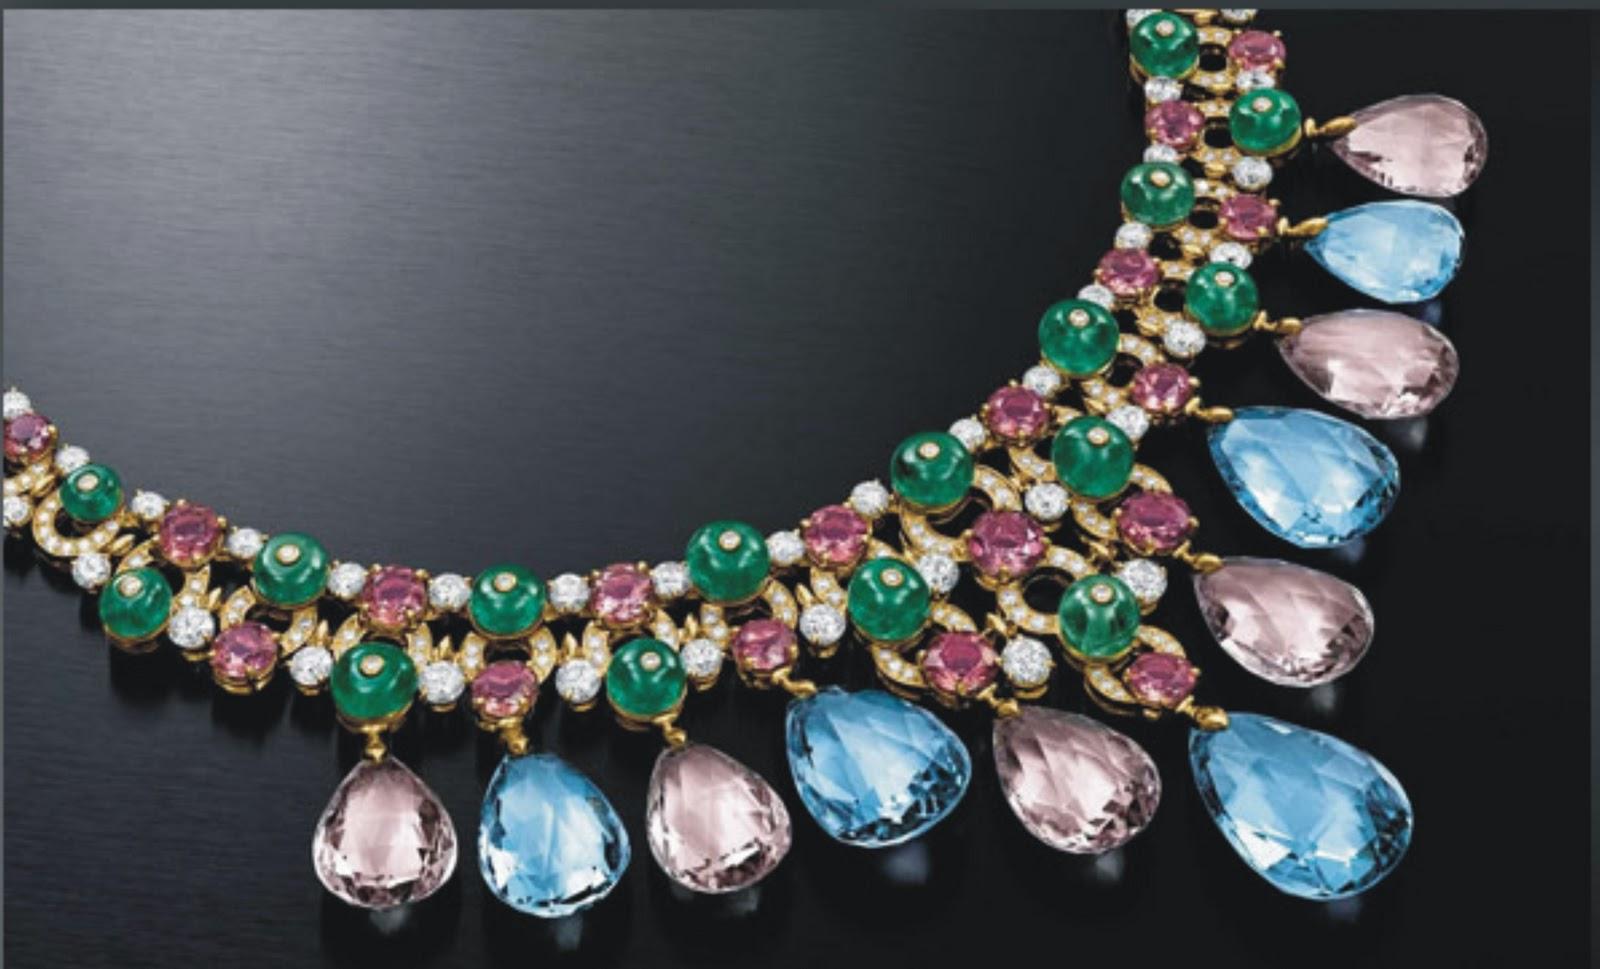 Atualmente a BVLGARI possuí 156 lojas ao redor do mundo, tendo seus  produtos - jóias, relógios, perfumes, artigos em couro, óculos e canetas -  voltados para ... 179dc1b4f5